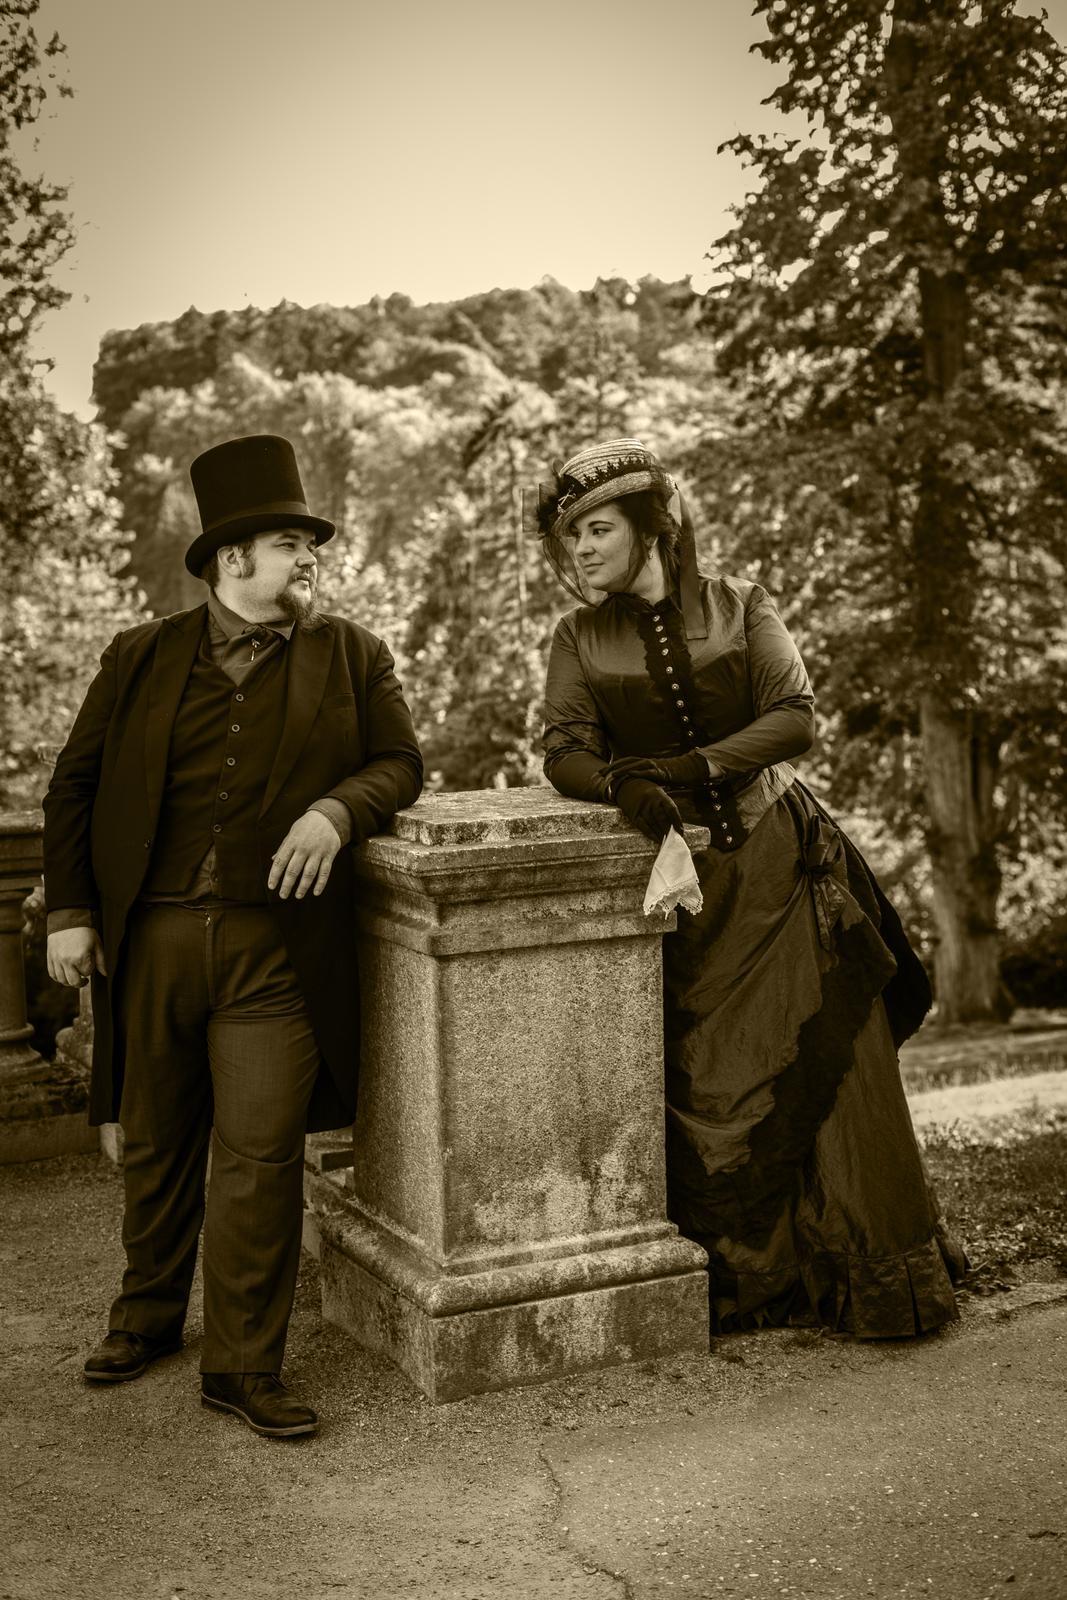 Naše dobová viktoriánská  svatba - Dámy,  které čtete a sledujete co přidávám,  v krátké zprávě  jsem popsala poslední cca týden. Tak se můžete pobavit a třeba i zasmát nad starostmi, bláznivé historické svatby :)